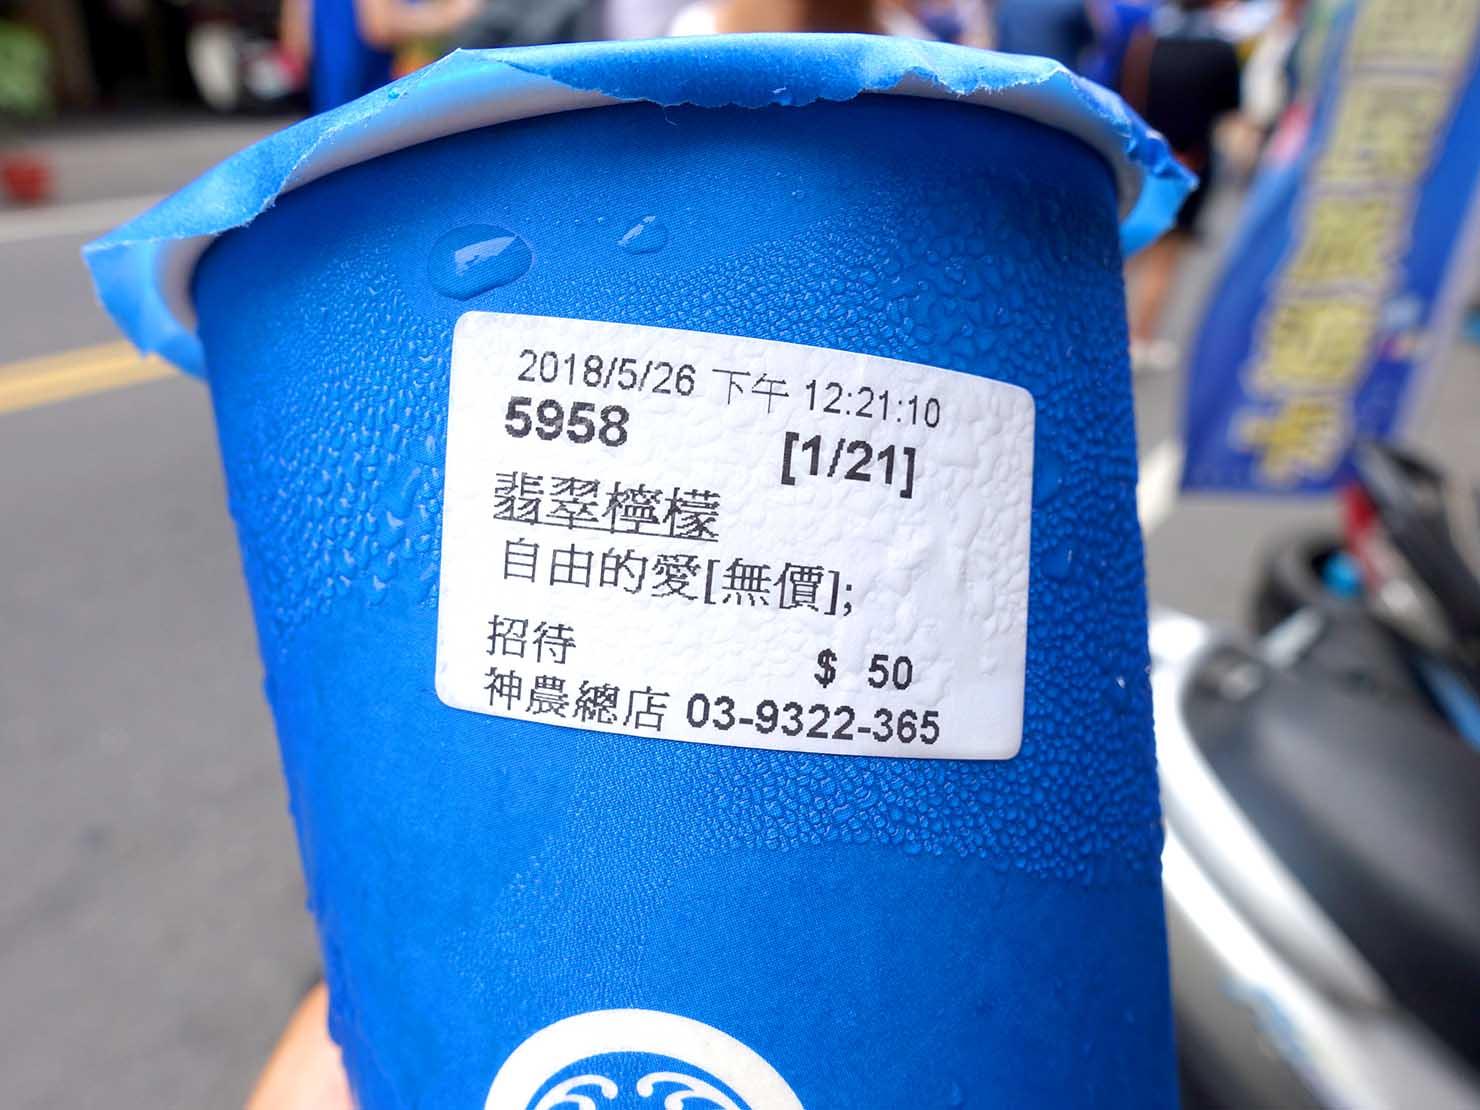 2018年台湾のLGBTプライド「宜蘭驕傲大遊行(宜蘭プライド)」で提供されたドリンクカップに書かれたメッセージ